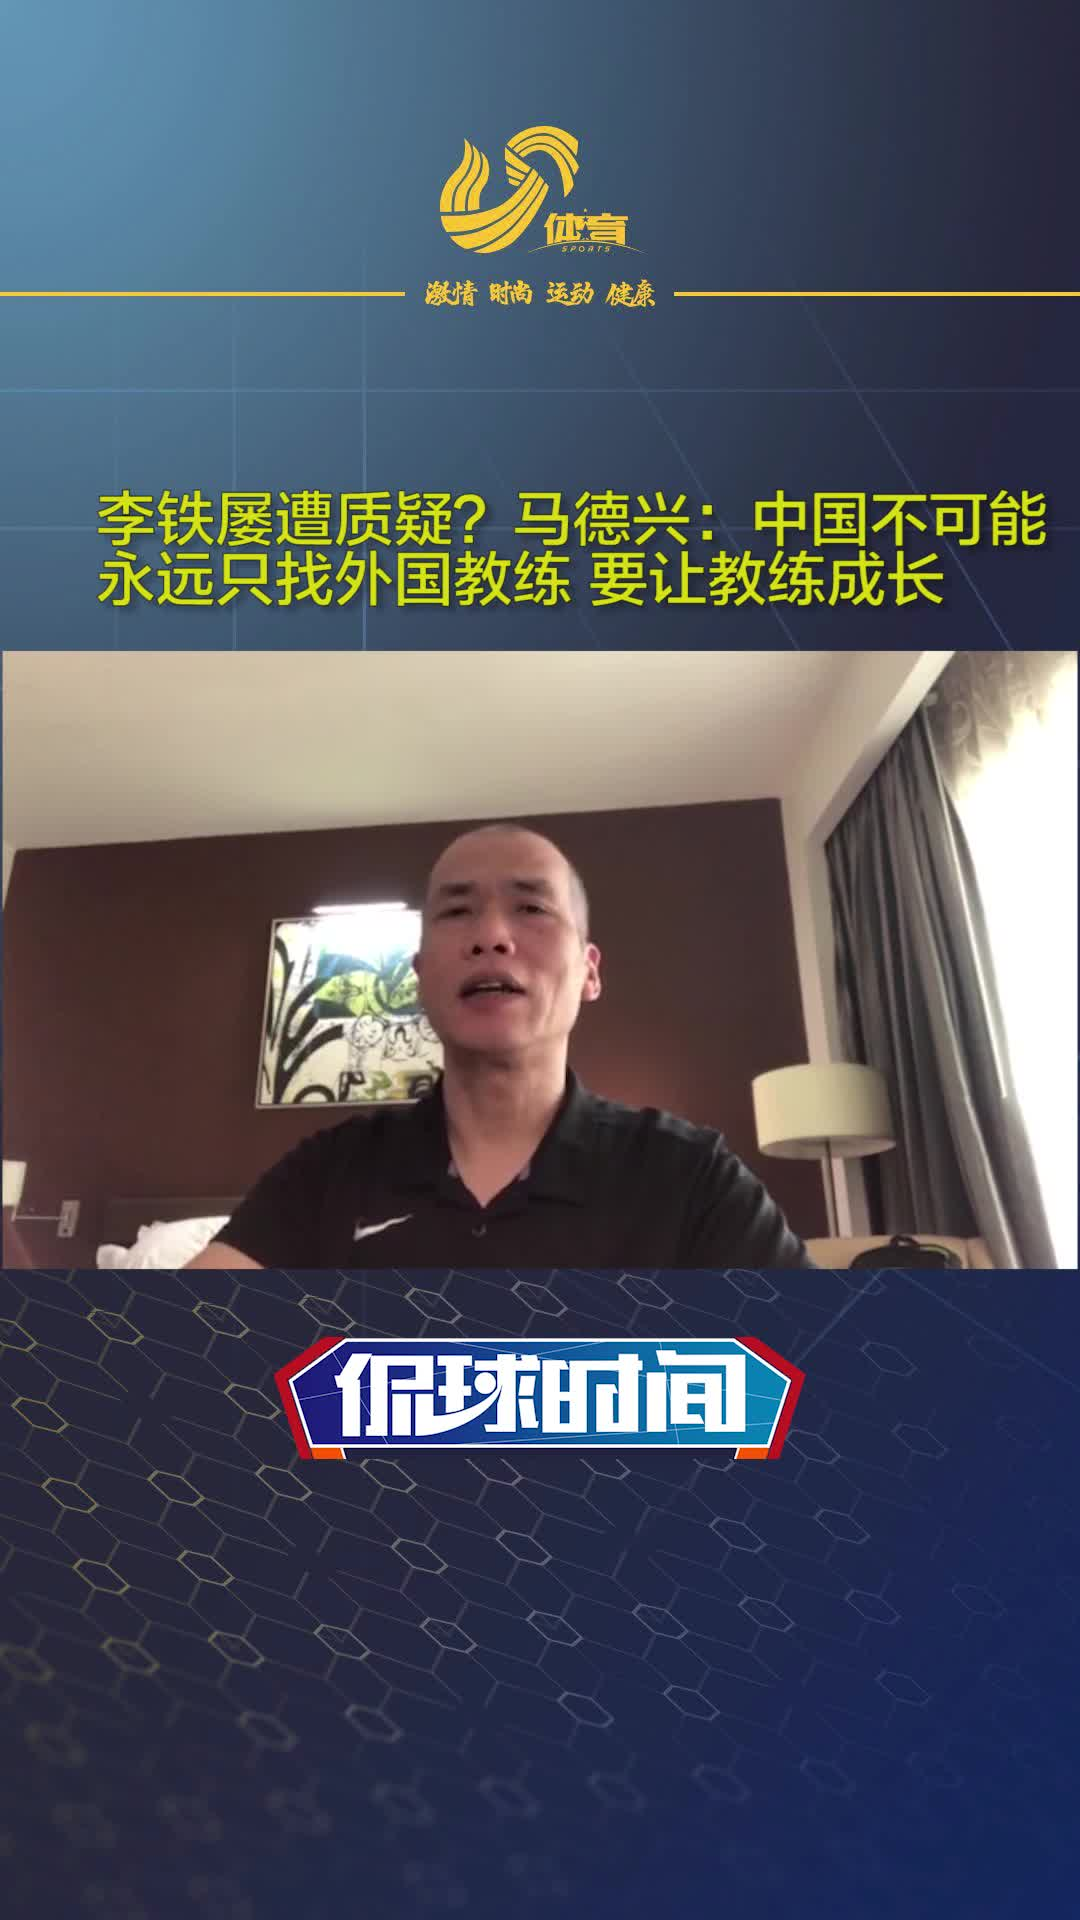 《侃球时间》丨李铁遭质疑?马德兴:中国不可能只找国外教练 要让教练有机会成长